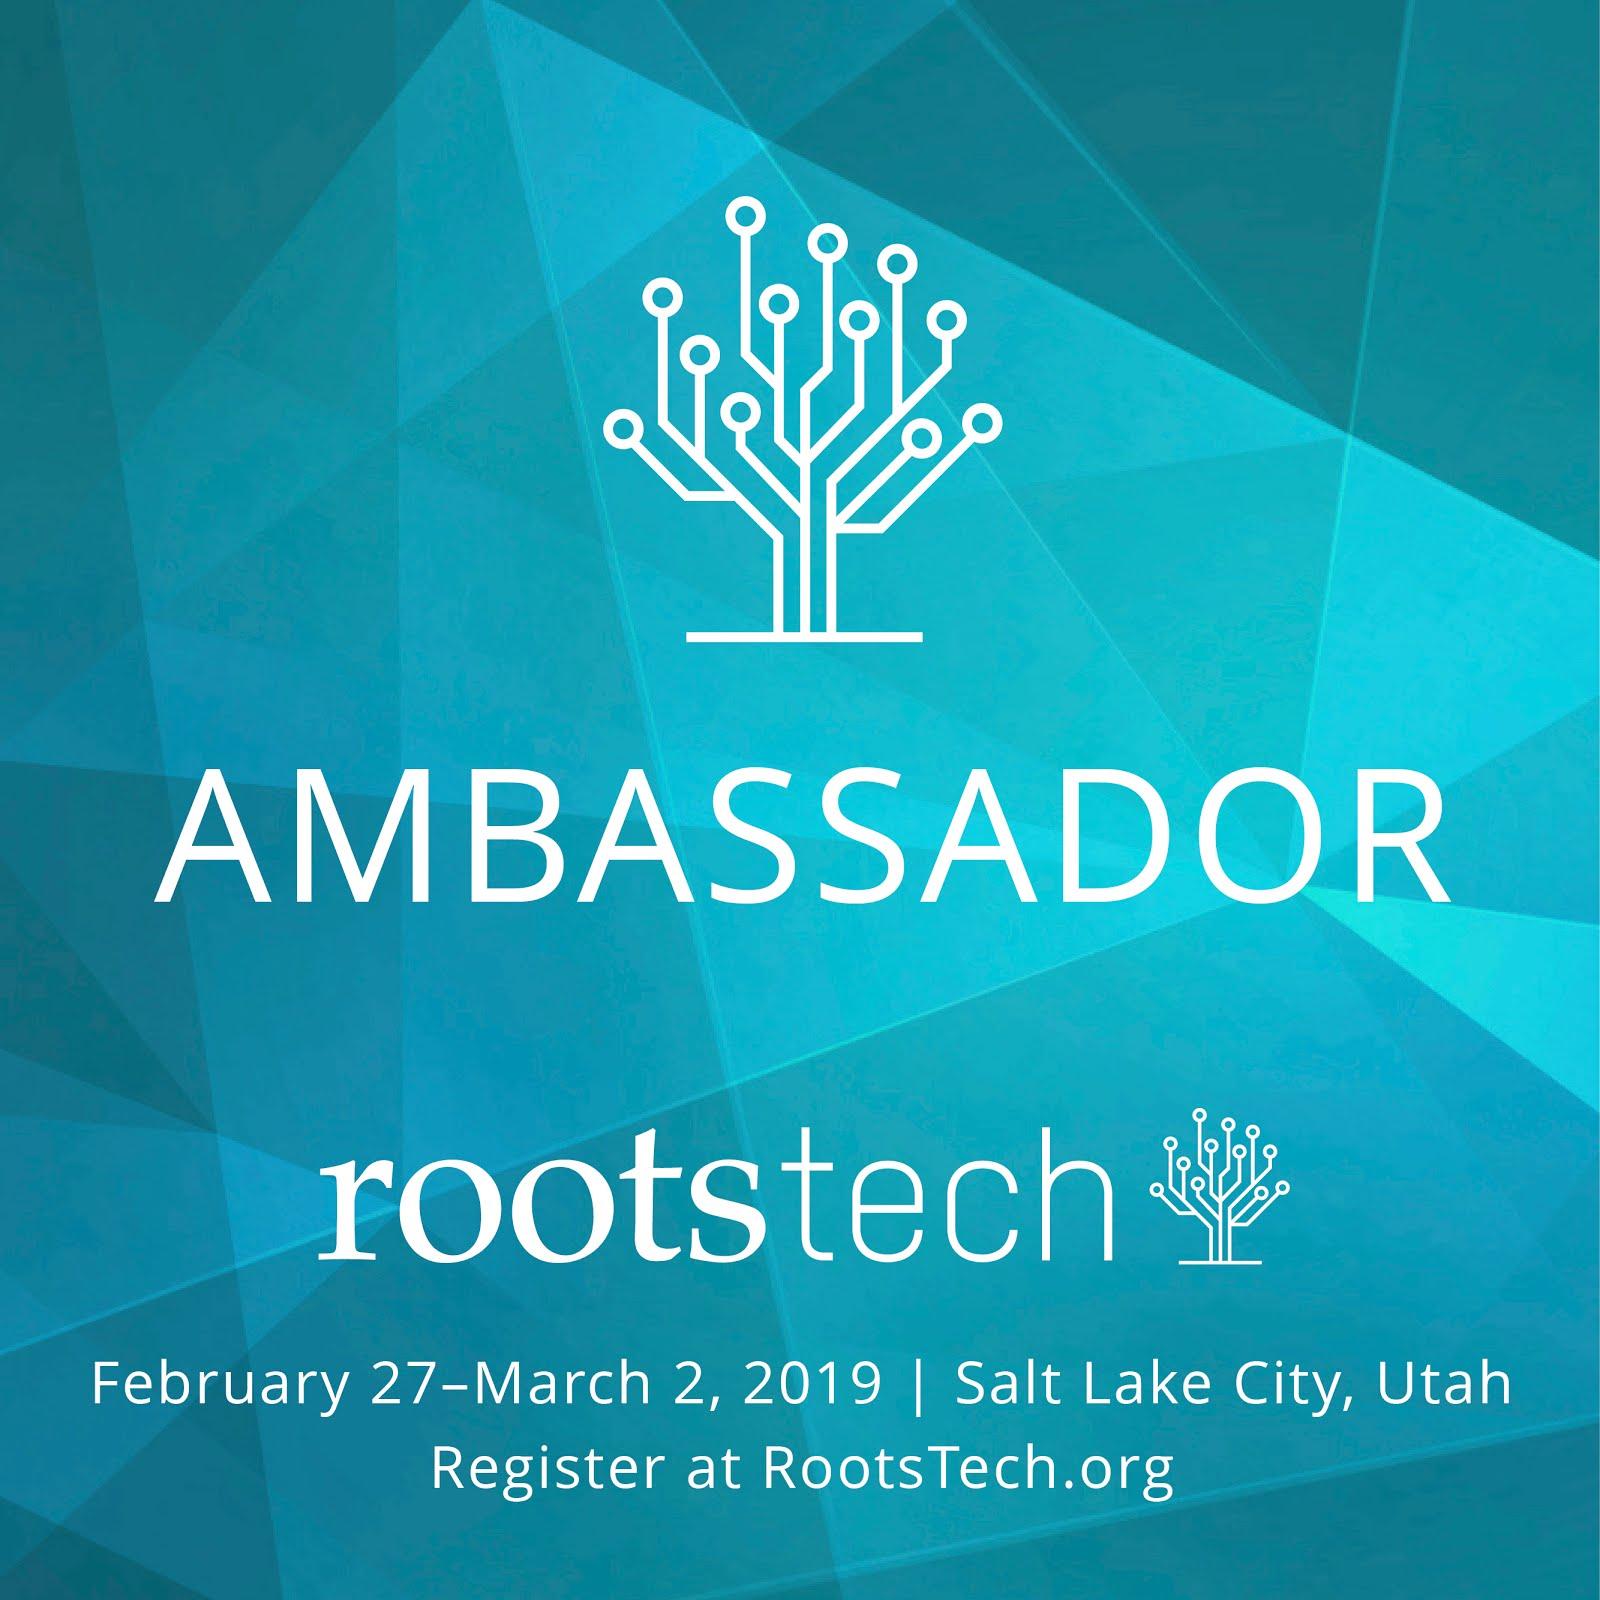 RootsTech 2019 Ambassador